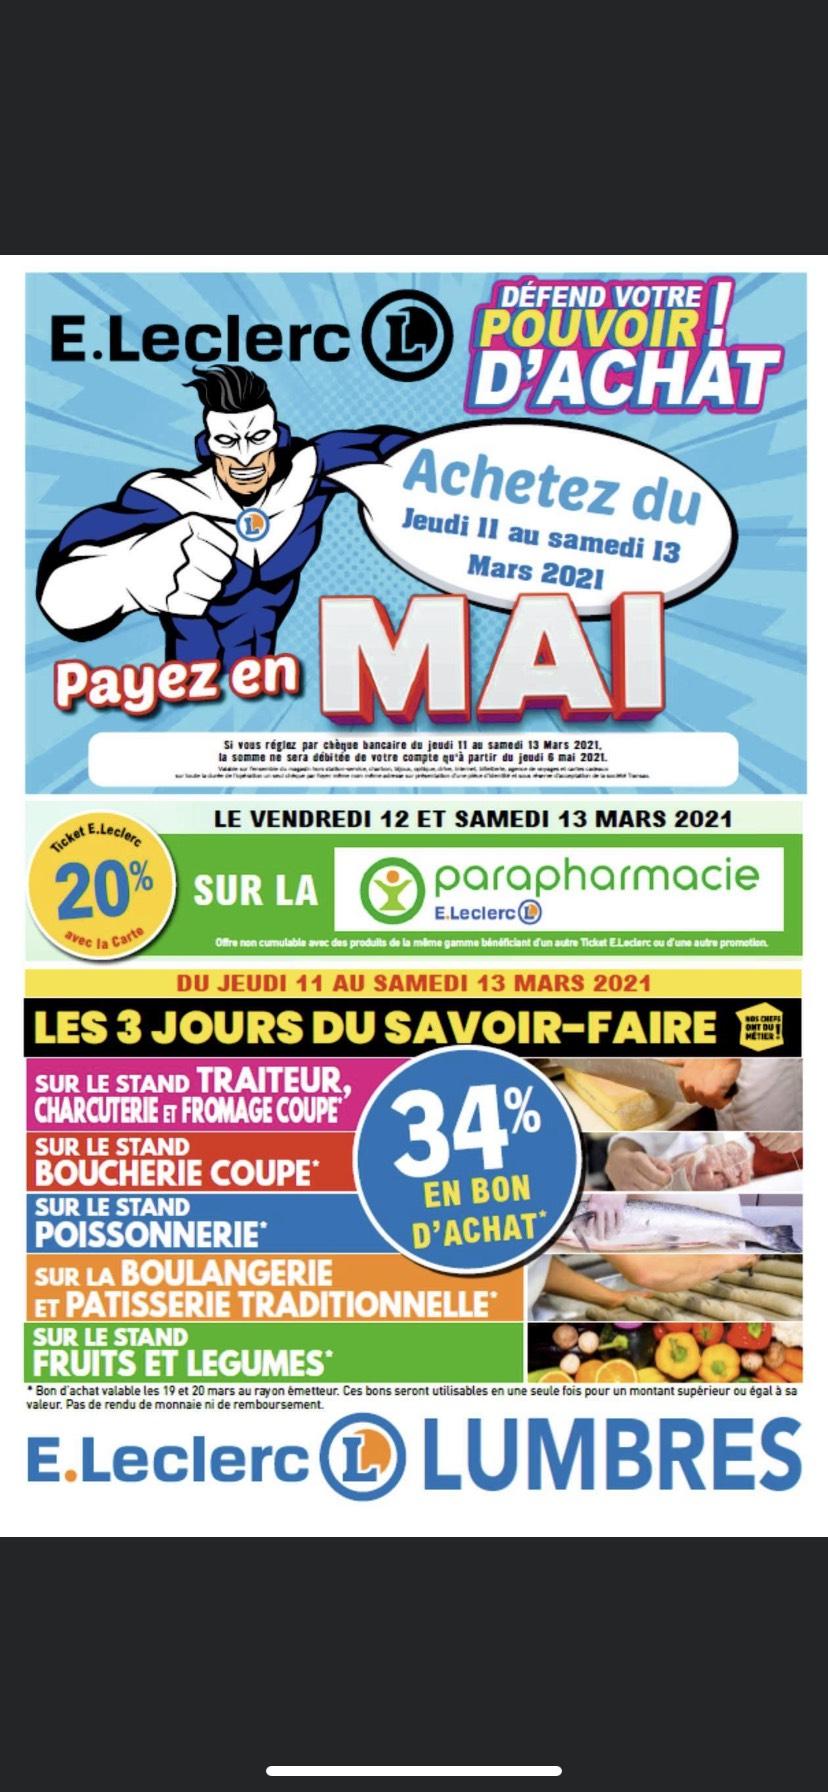 34% remboursés en bon d'achat sur les rayons Boucherie, Boulangerie, Fromages, Fruits & Légumes et Poissonnerie, Traiteur - Lumbres (62)